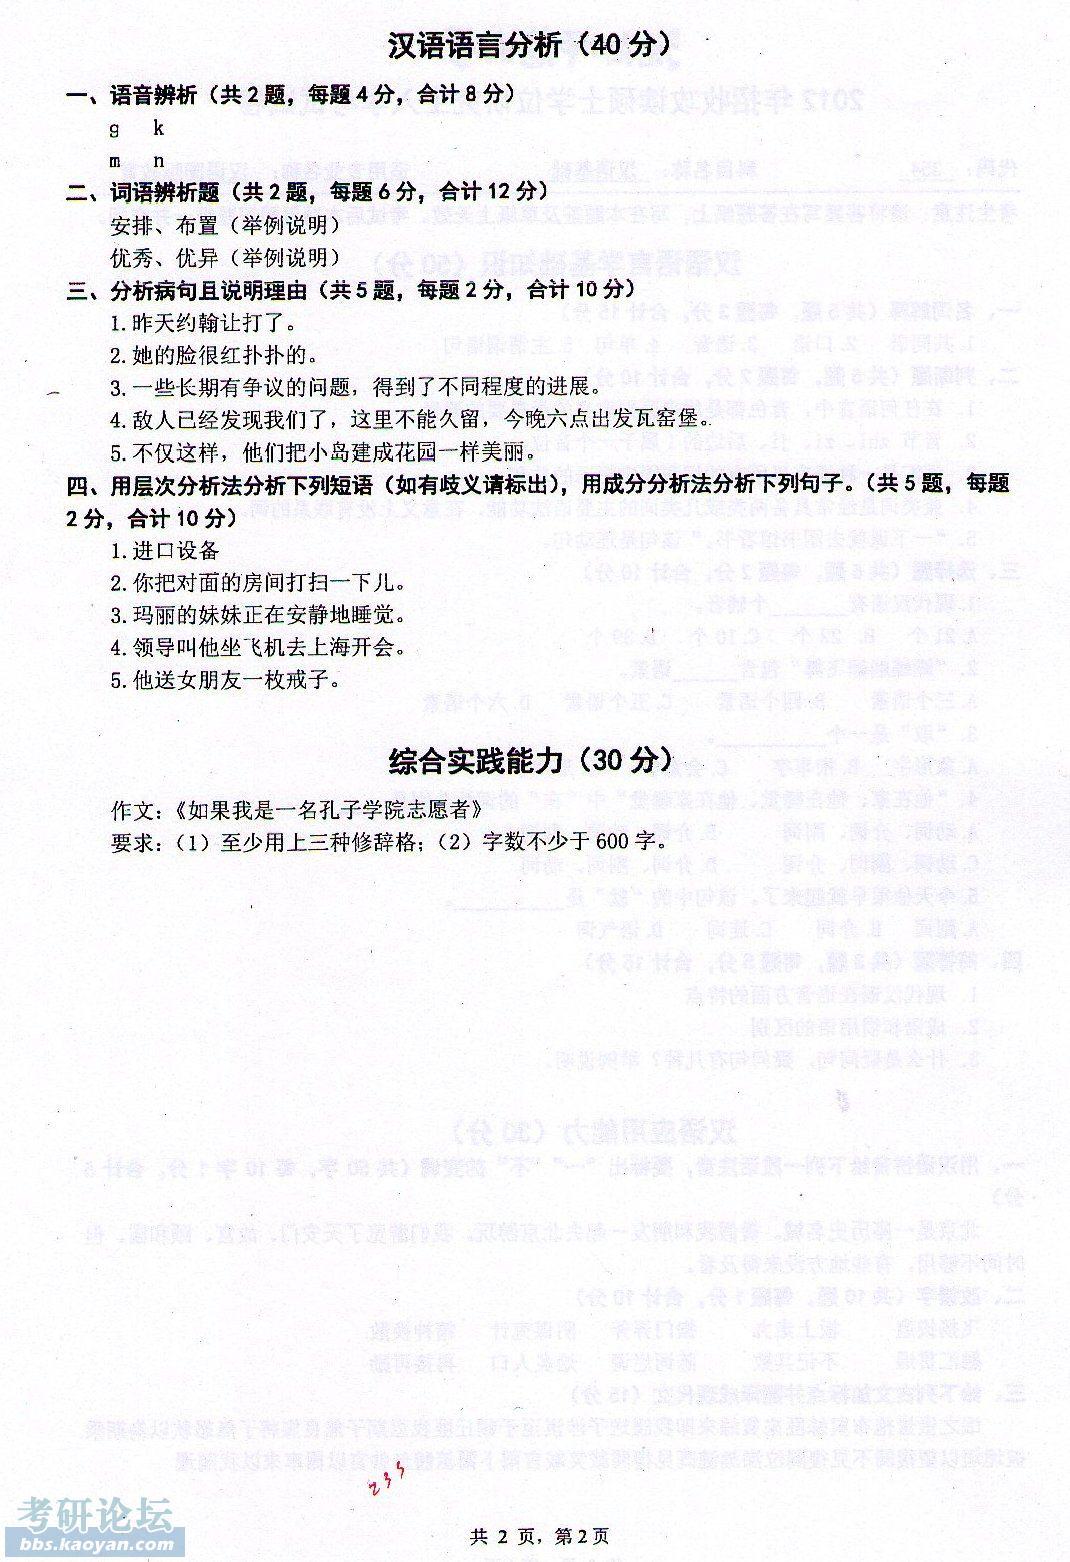 沈阳师范大学233.jpg